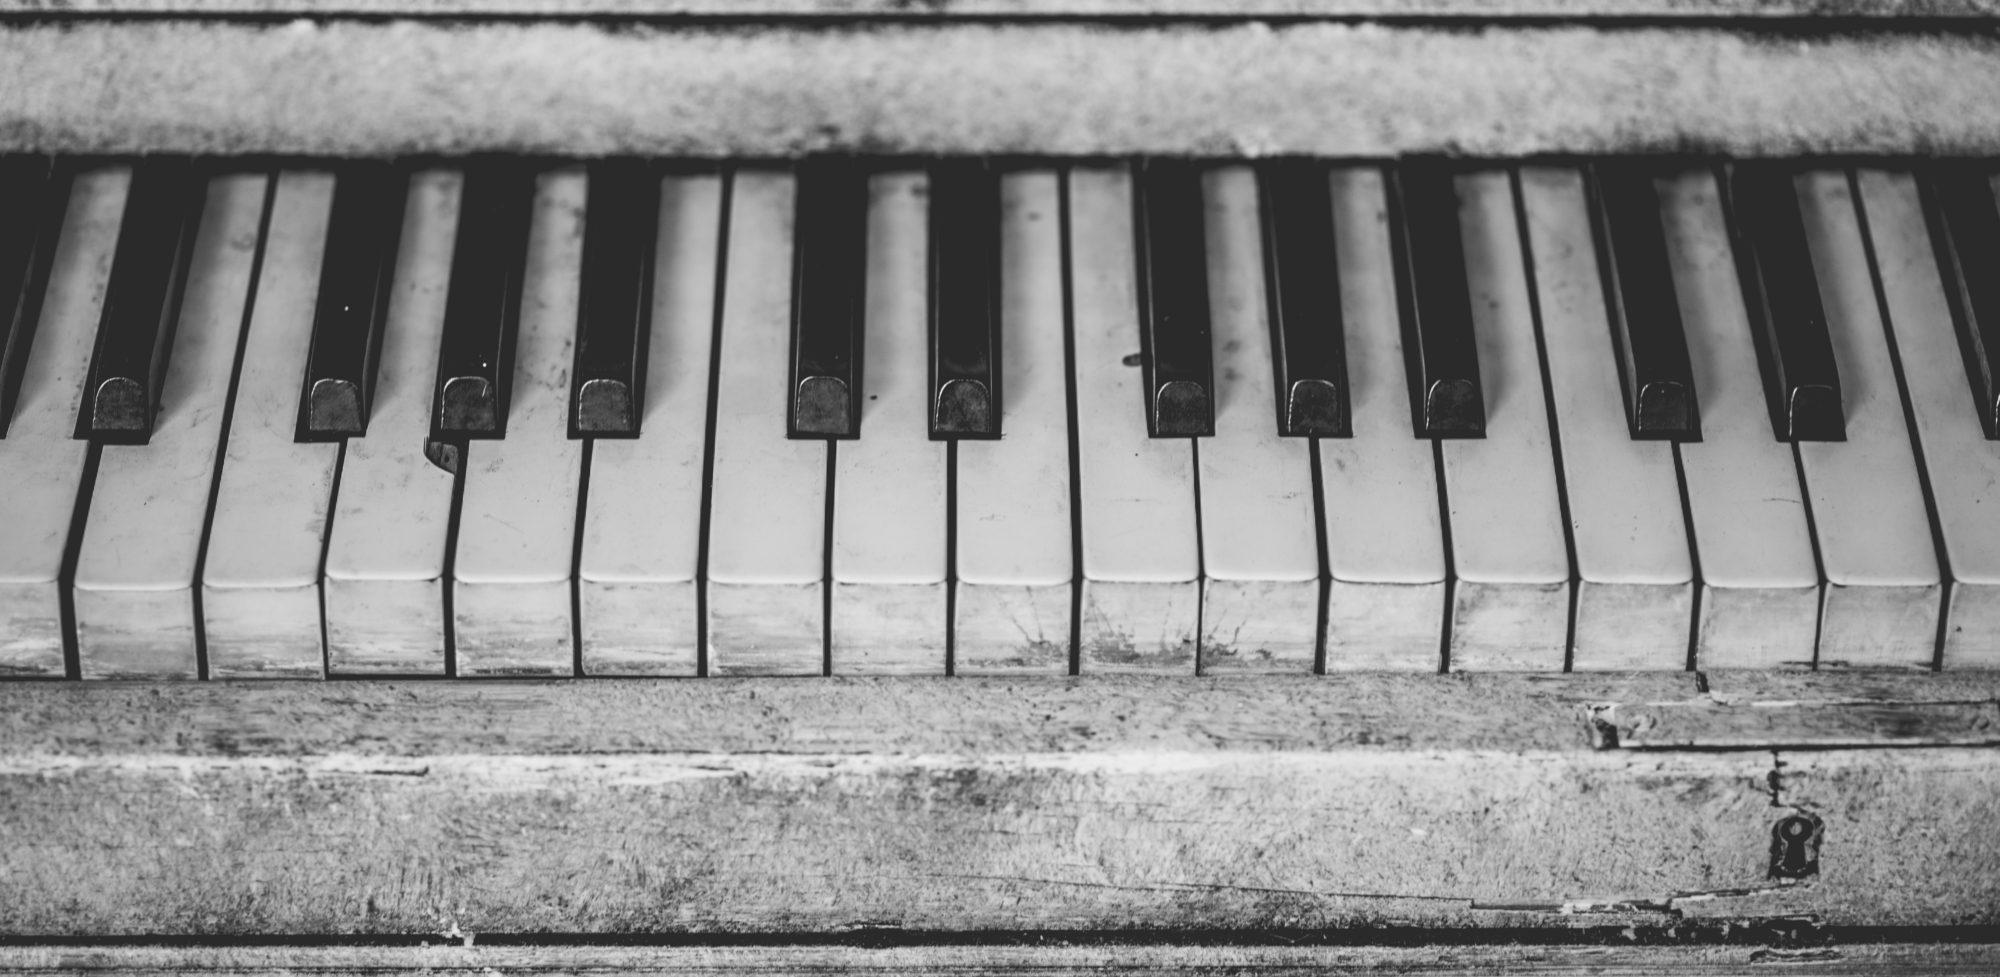 Music Adelaide